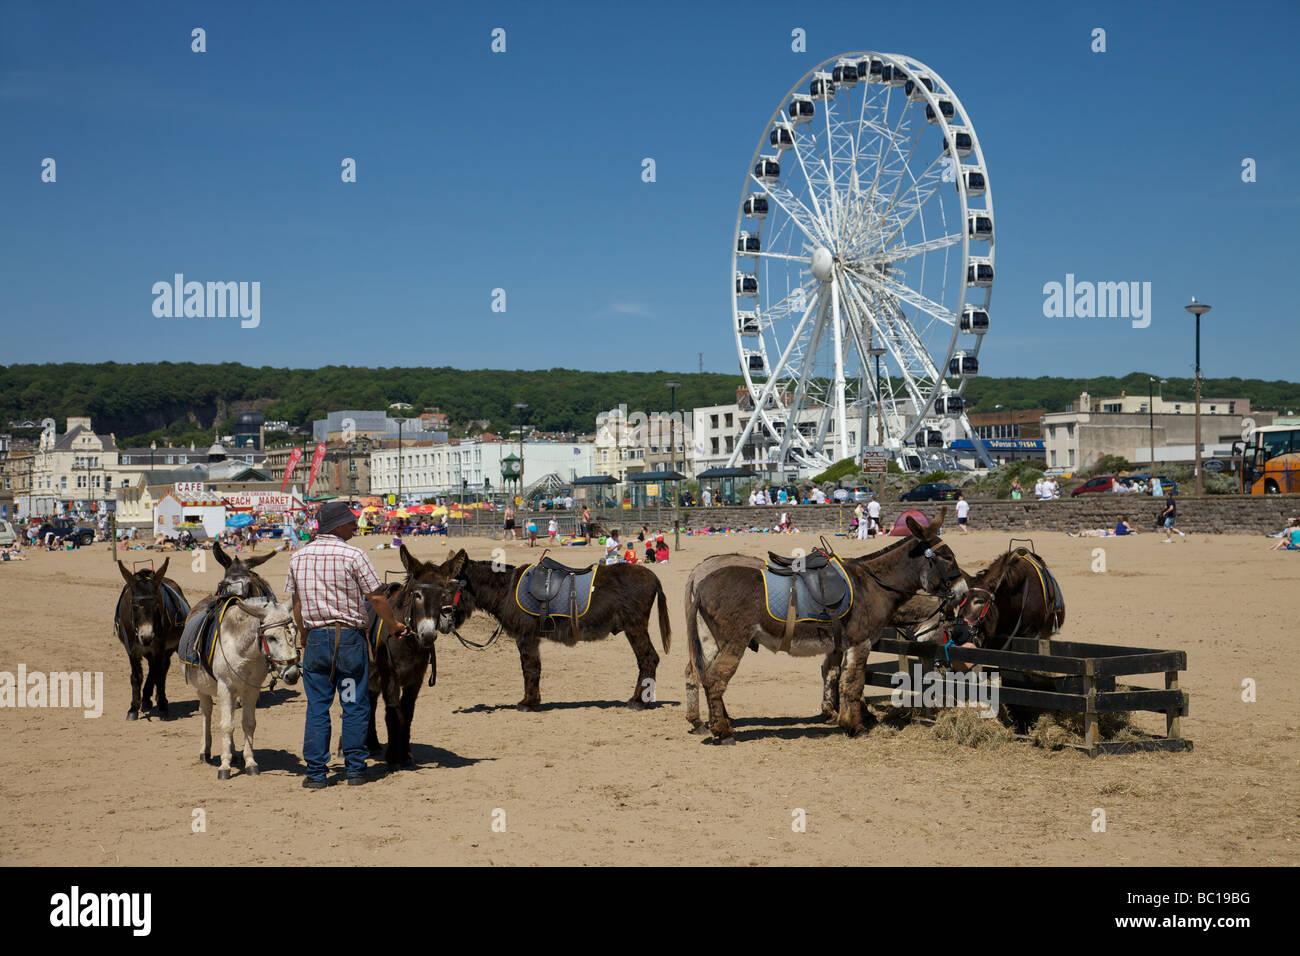 Weston Super Mare beach - Stock Image